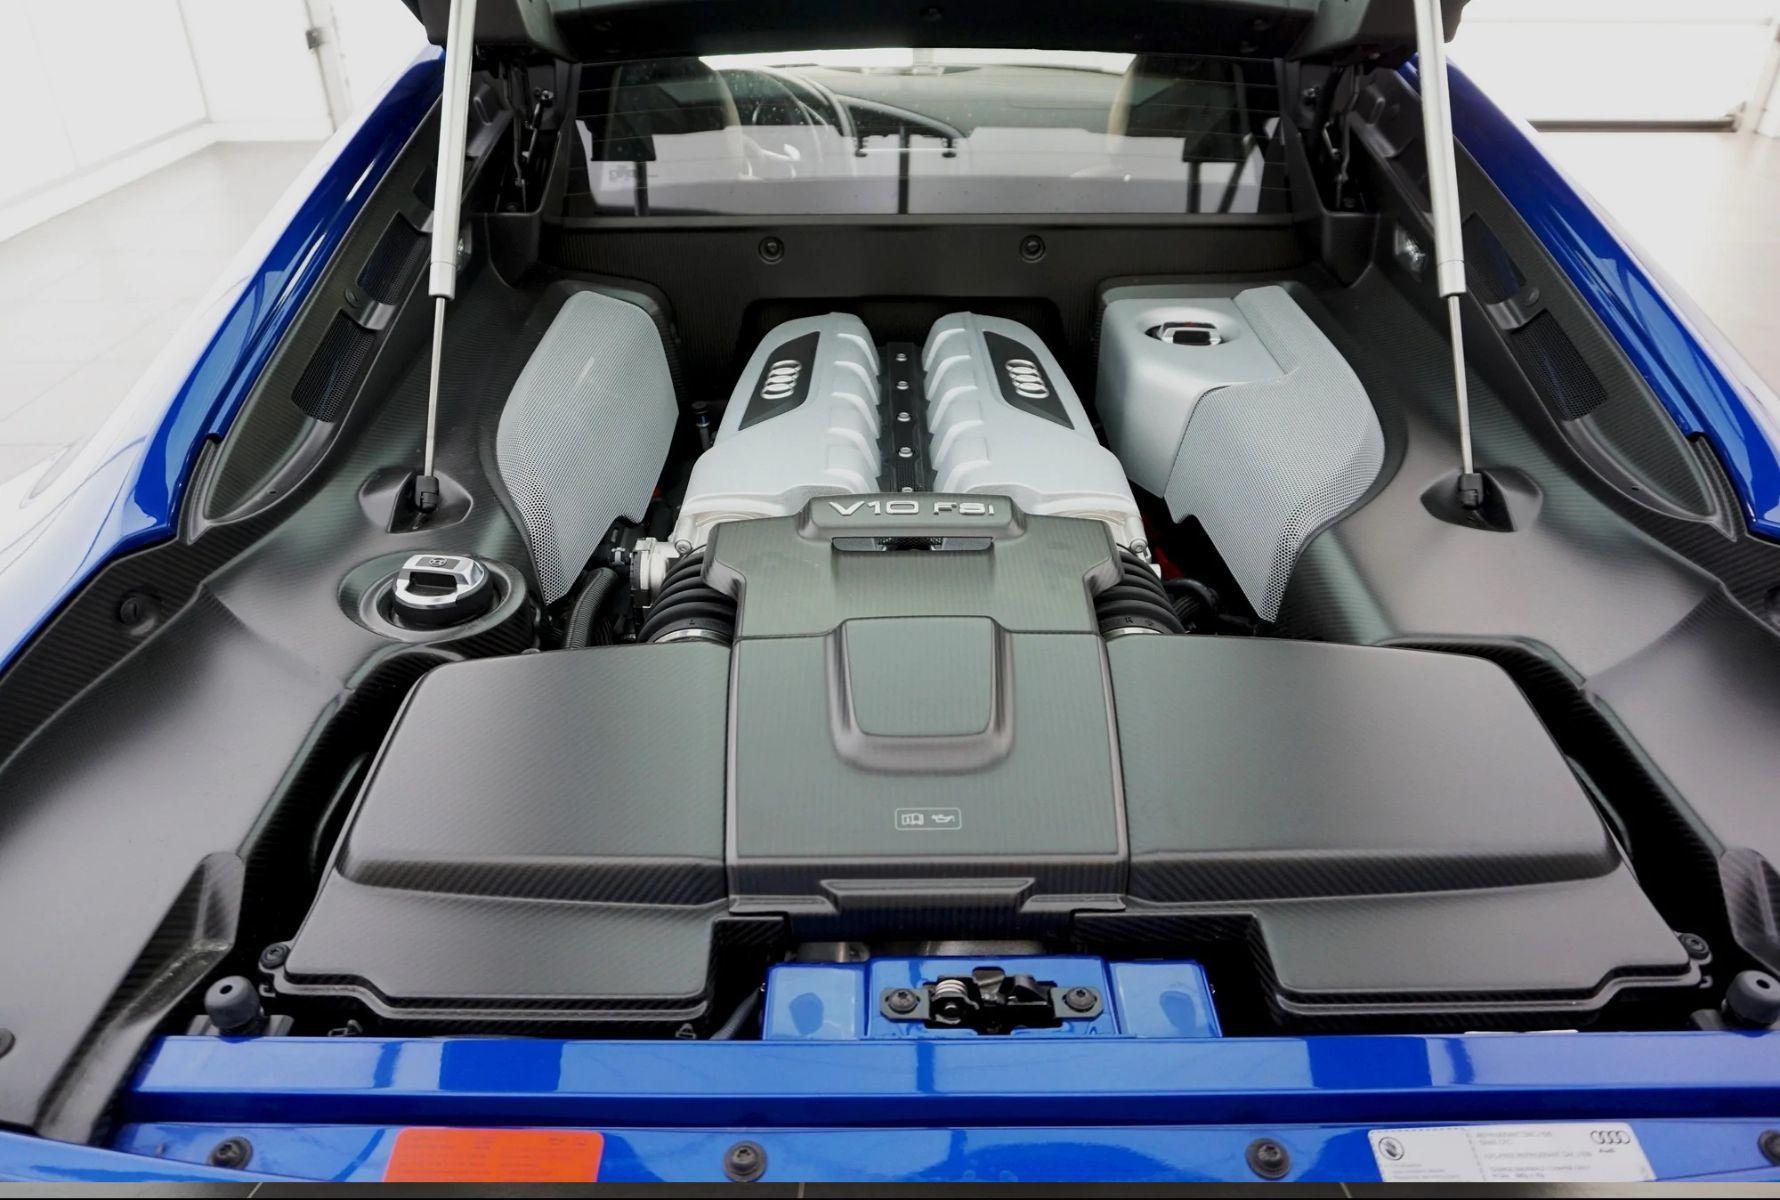 Audi Lauzon | Audi R8 LM 2015 - moteur